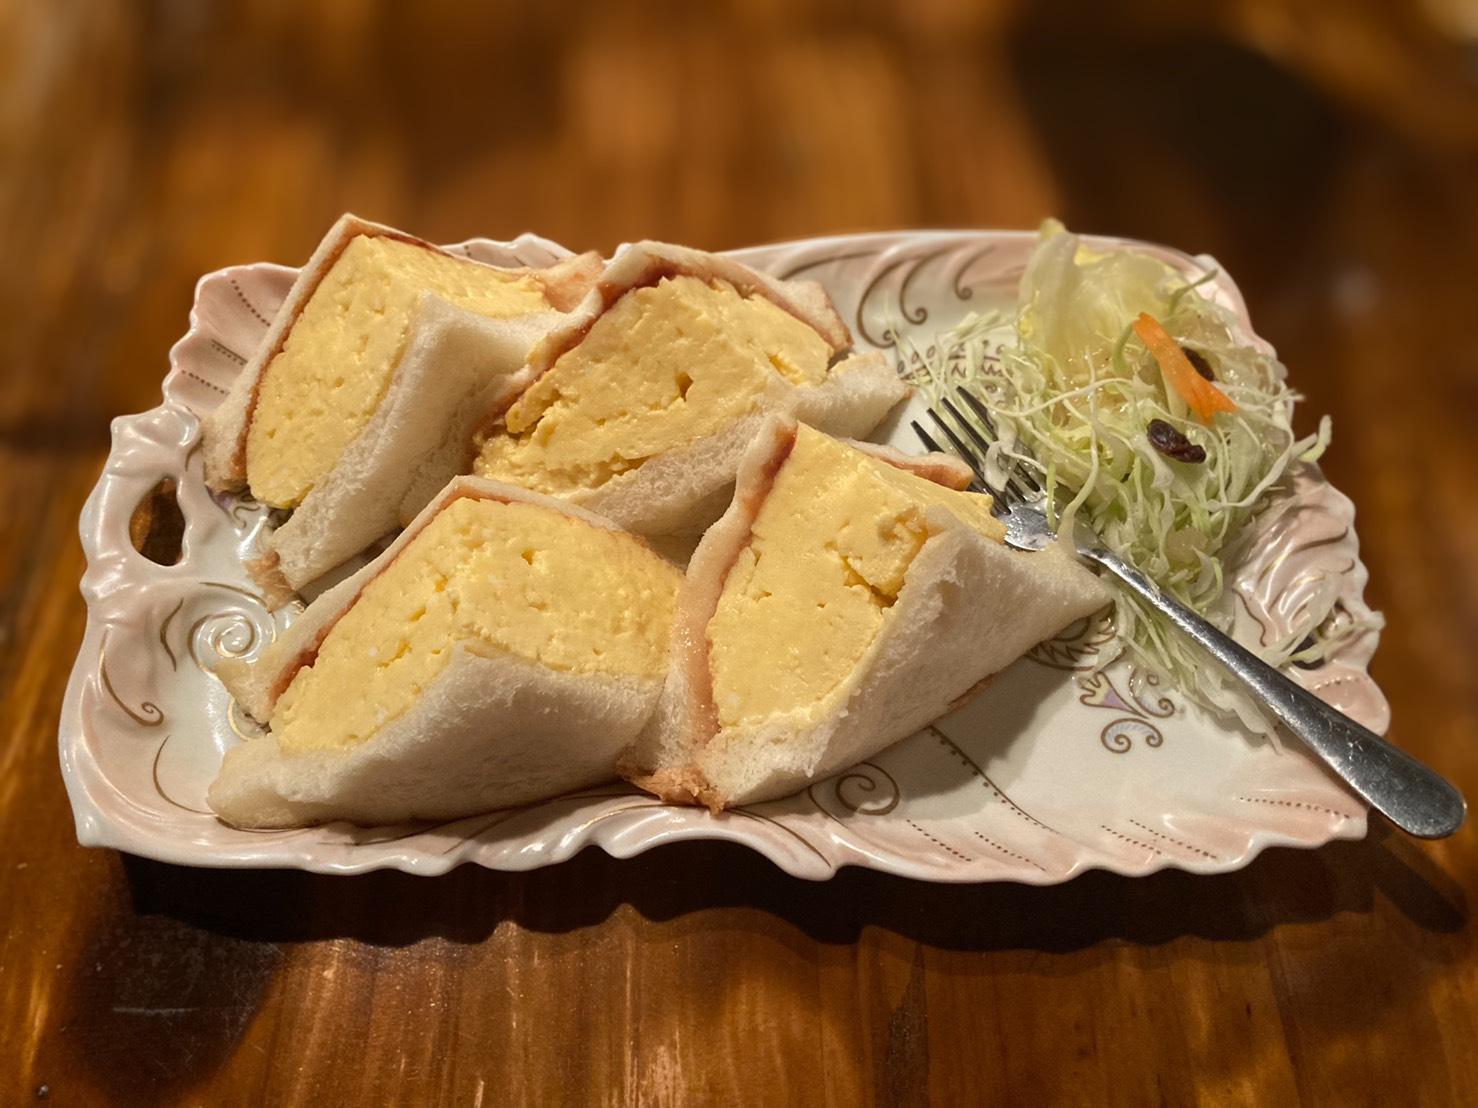 桜山|モーニングからおやつの時間まで幸せあふれる♪ゆったりまったり名古屋の古民家カフェ